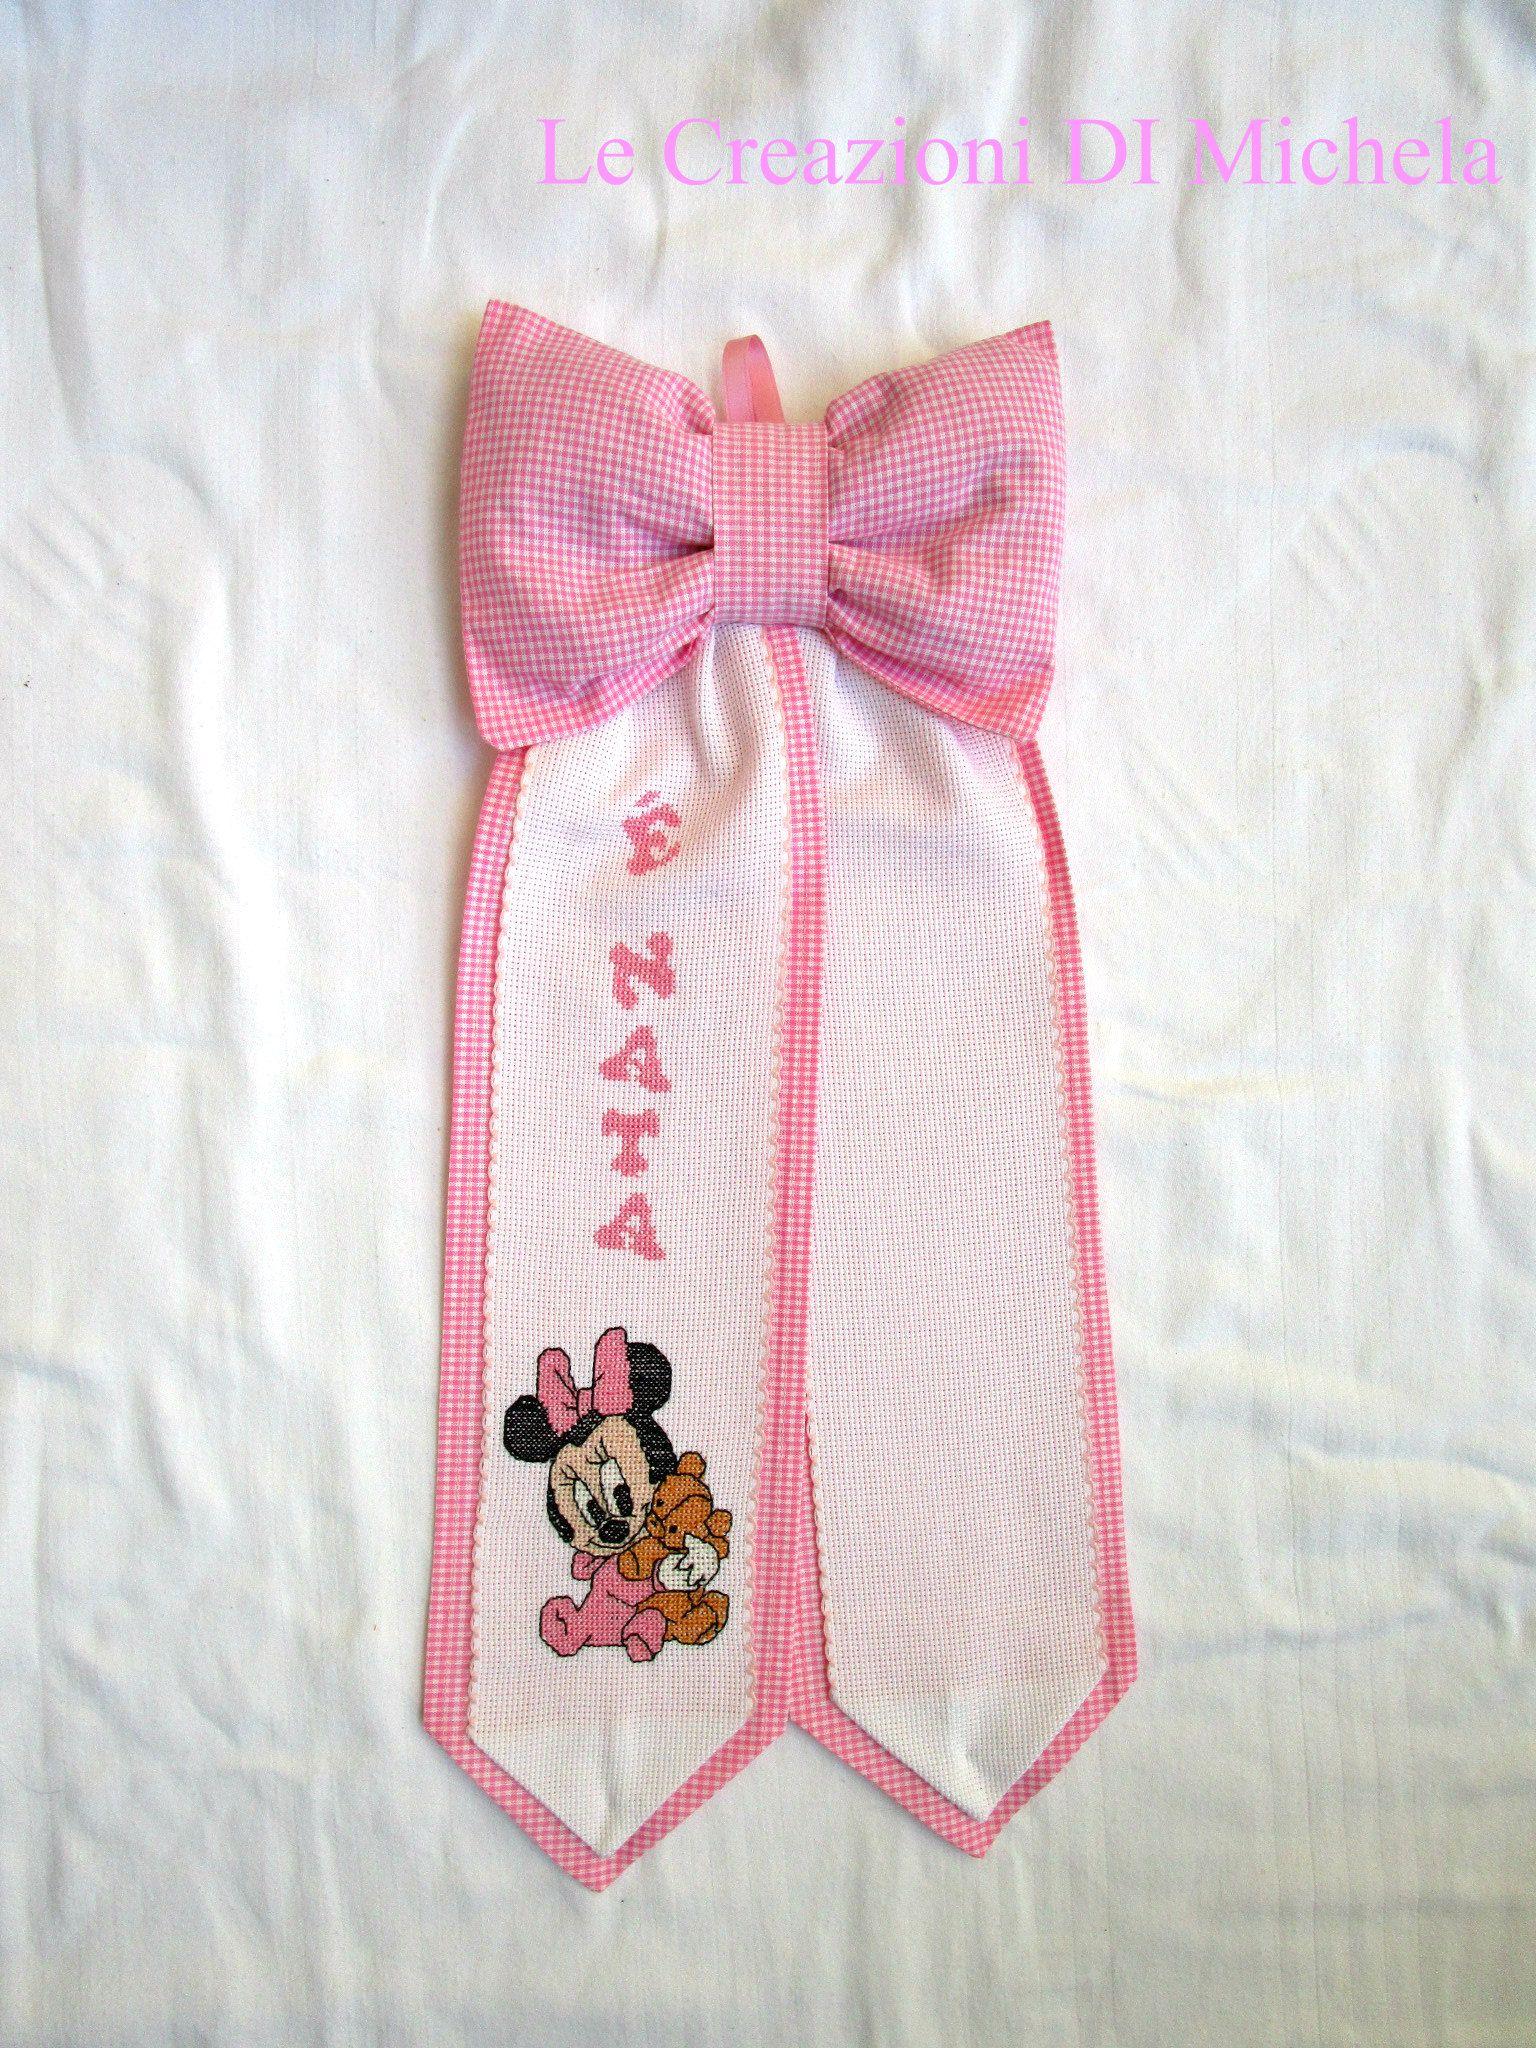 """Fiocco nascita DISNEY """"Baby Minnie"""" ricamato a mano personalizzabile con il nome a punto croce;  sito web: http://lecreazionidimichela.it.gg/home.htm- video:https://youtu.be/vde4nrzd5fa"""